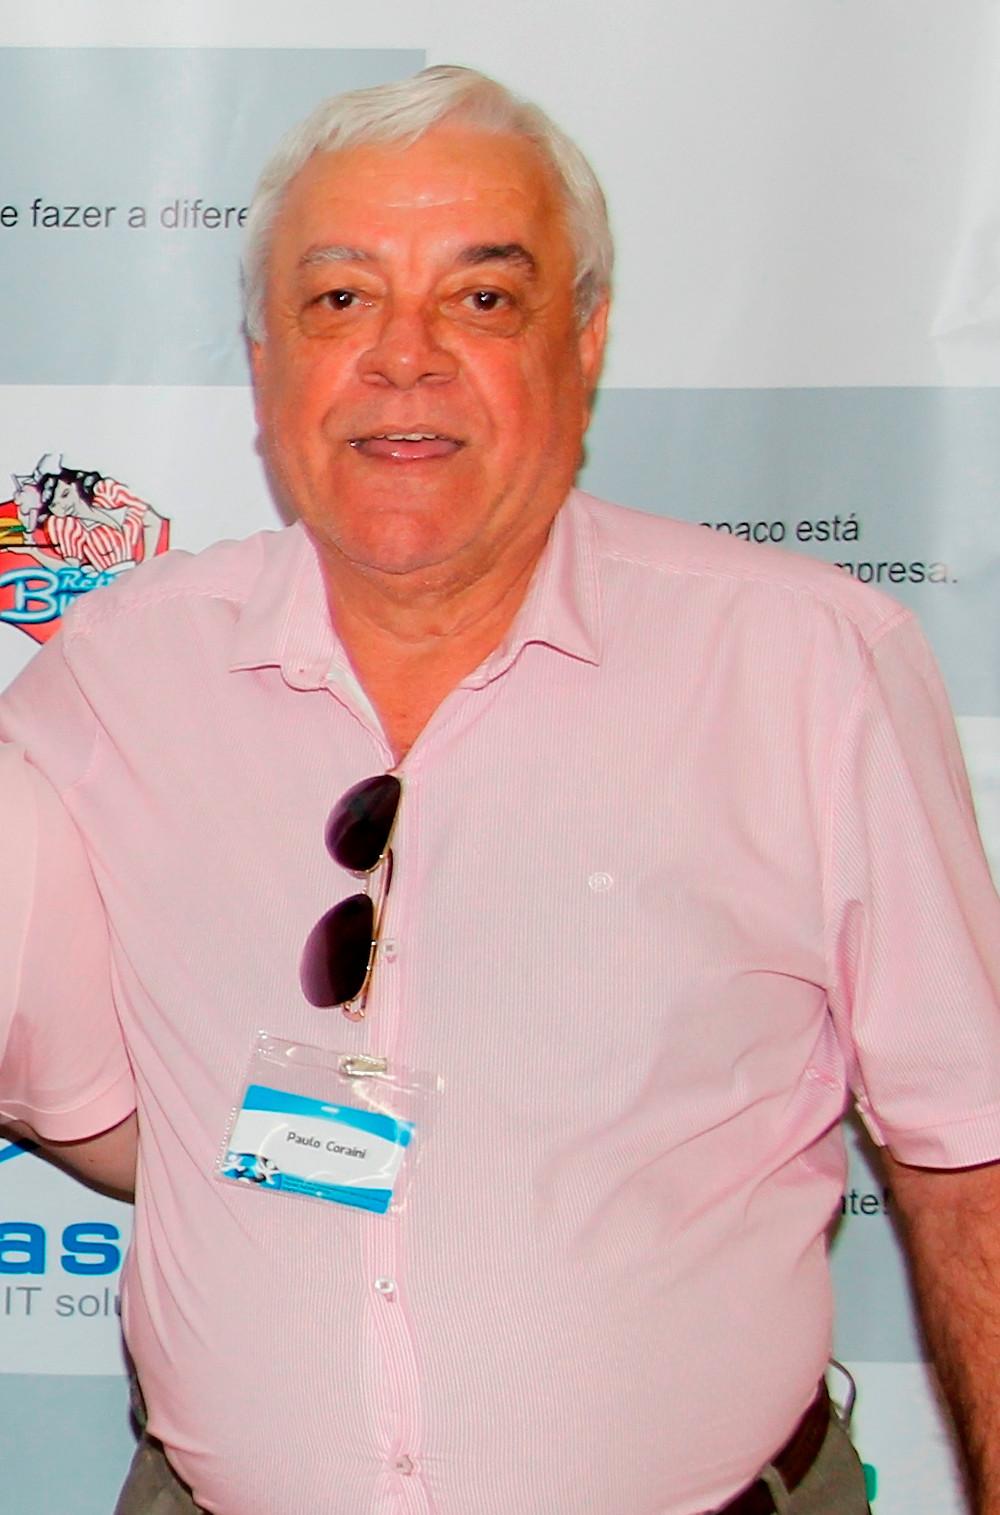 Sr. Paulo Coraini Junior, Presidente, Núcleo de Convivência Menino Jesus